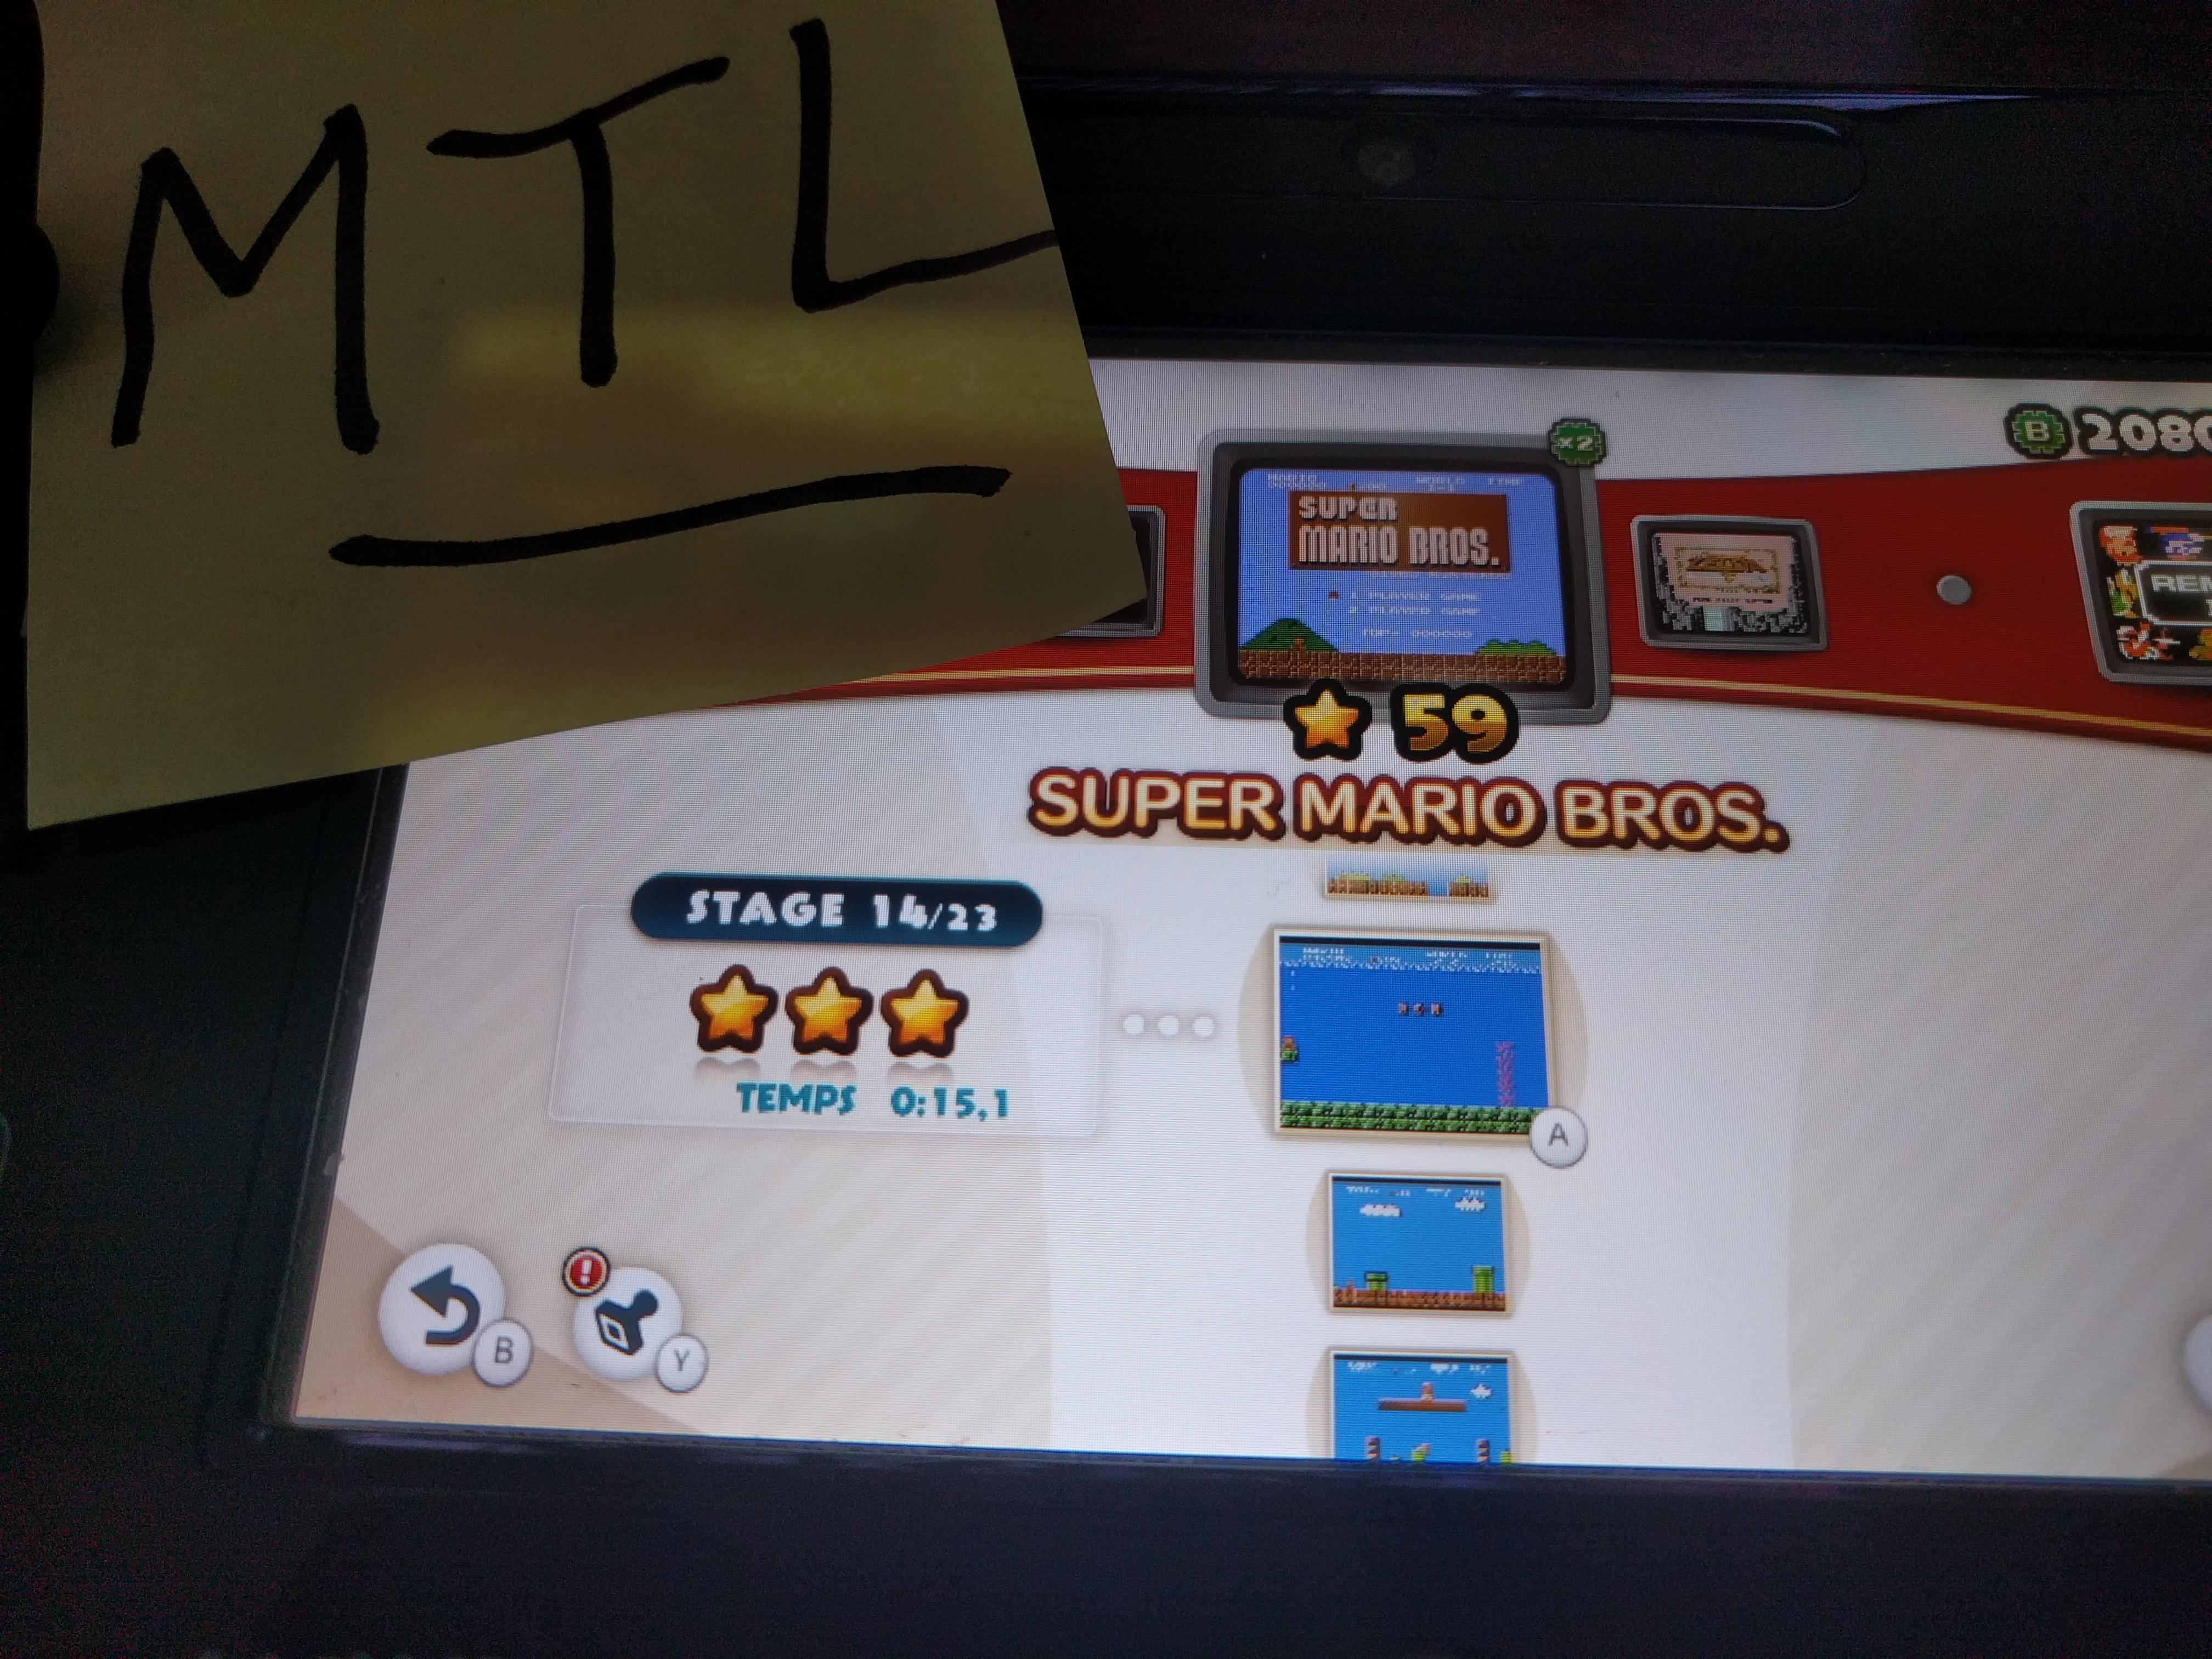 Mantalow: NES Remix: Super Mario Bros: Stage 14 (Wii U) 0:00:15.1 points on 2016-06-10 05:22:39